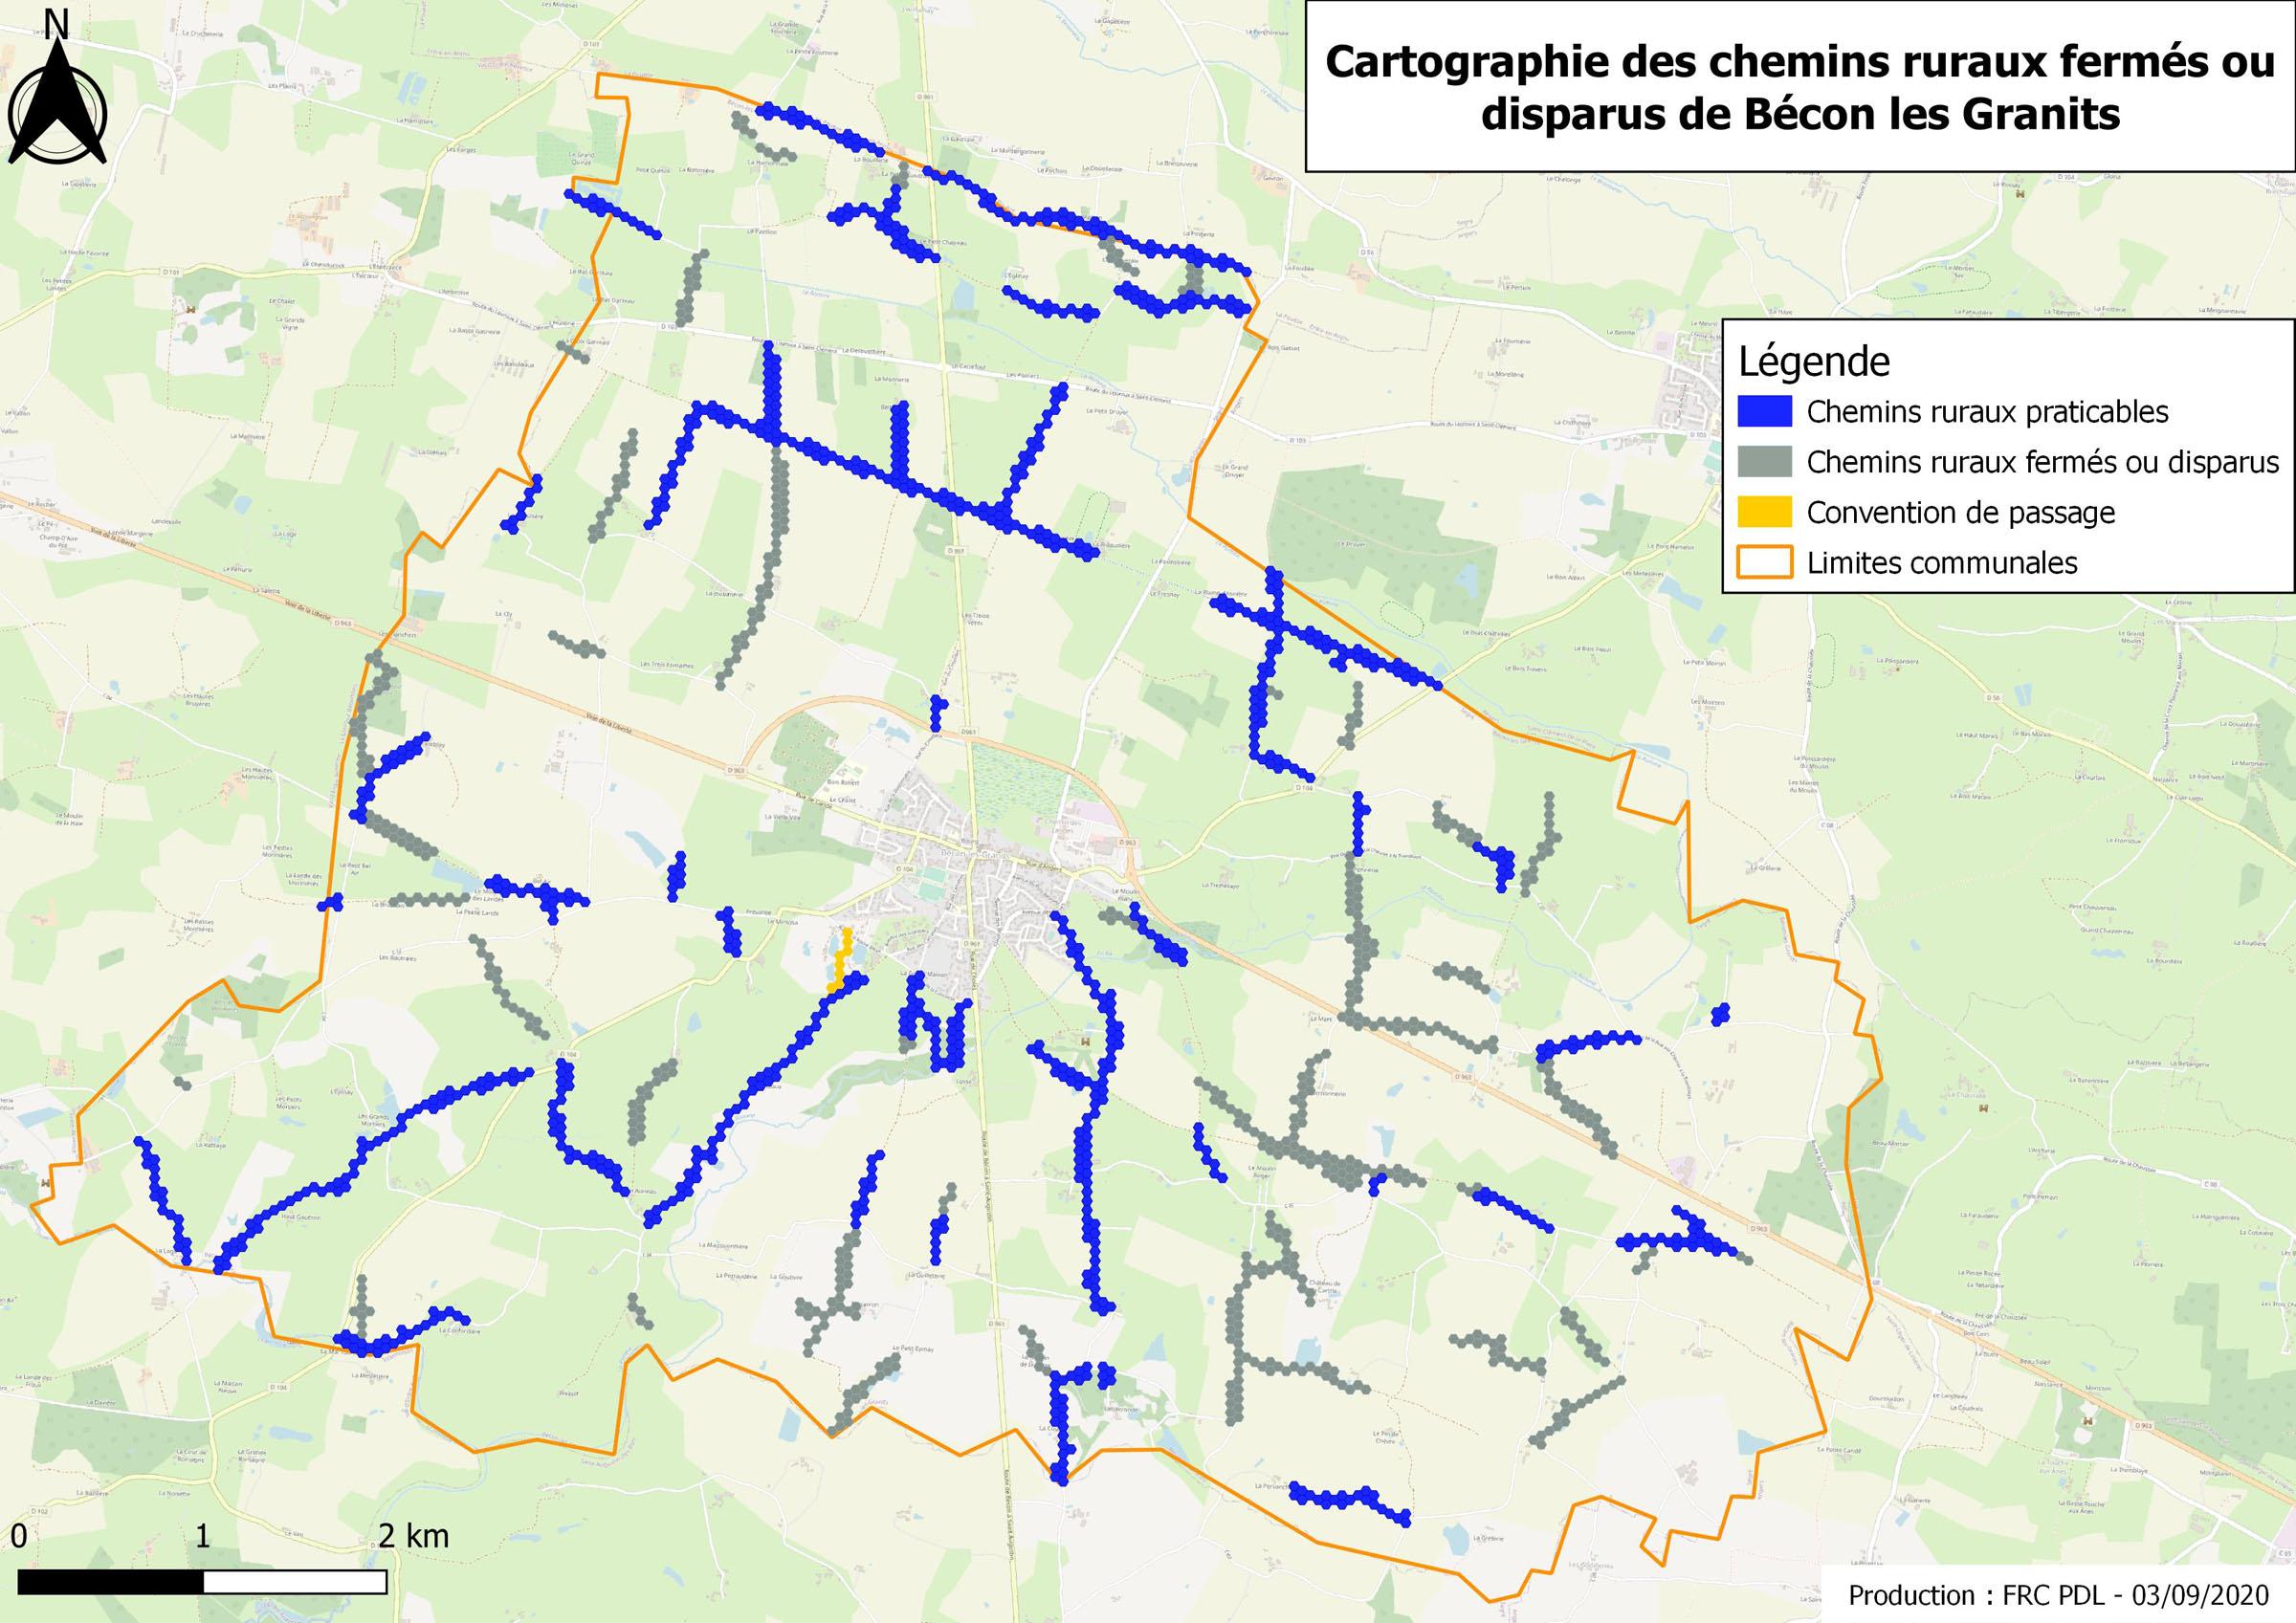 4 Carte chemins ruraux prarticables et fermés-1.jpg